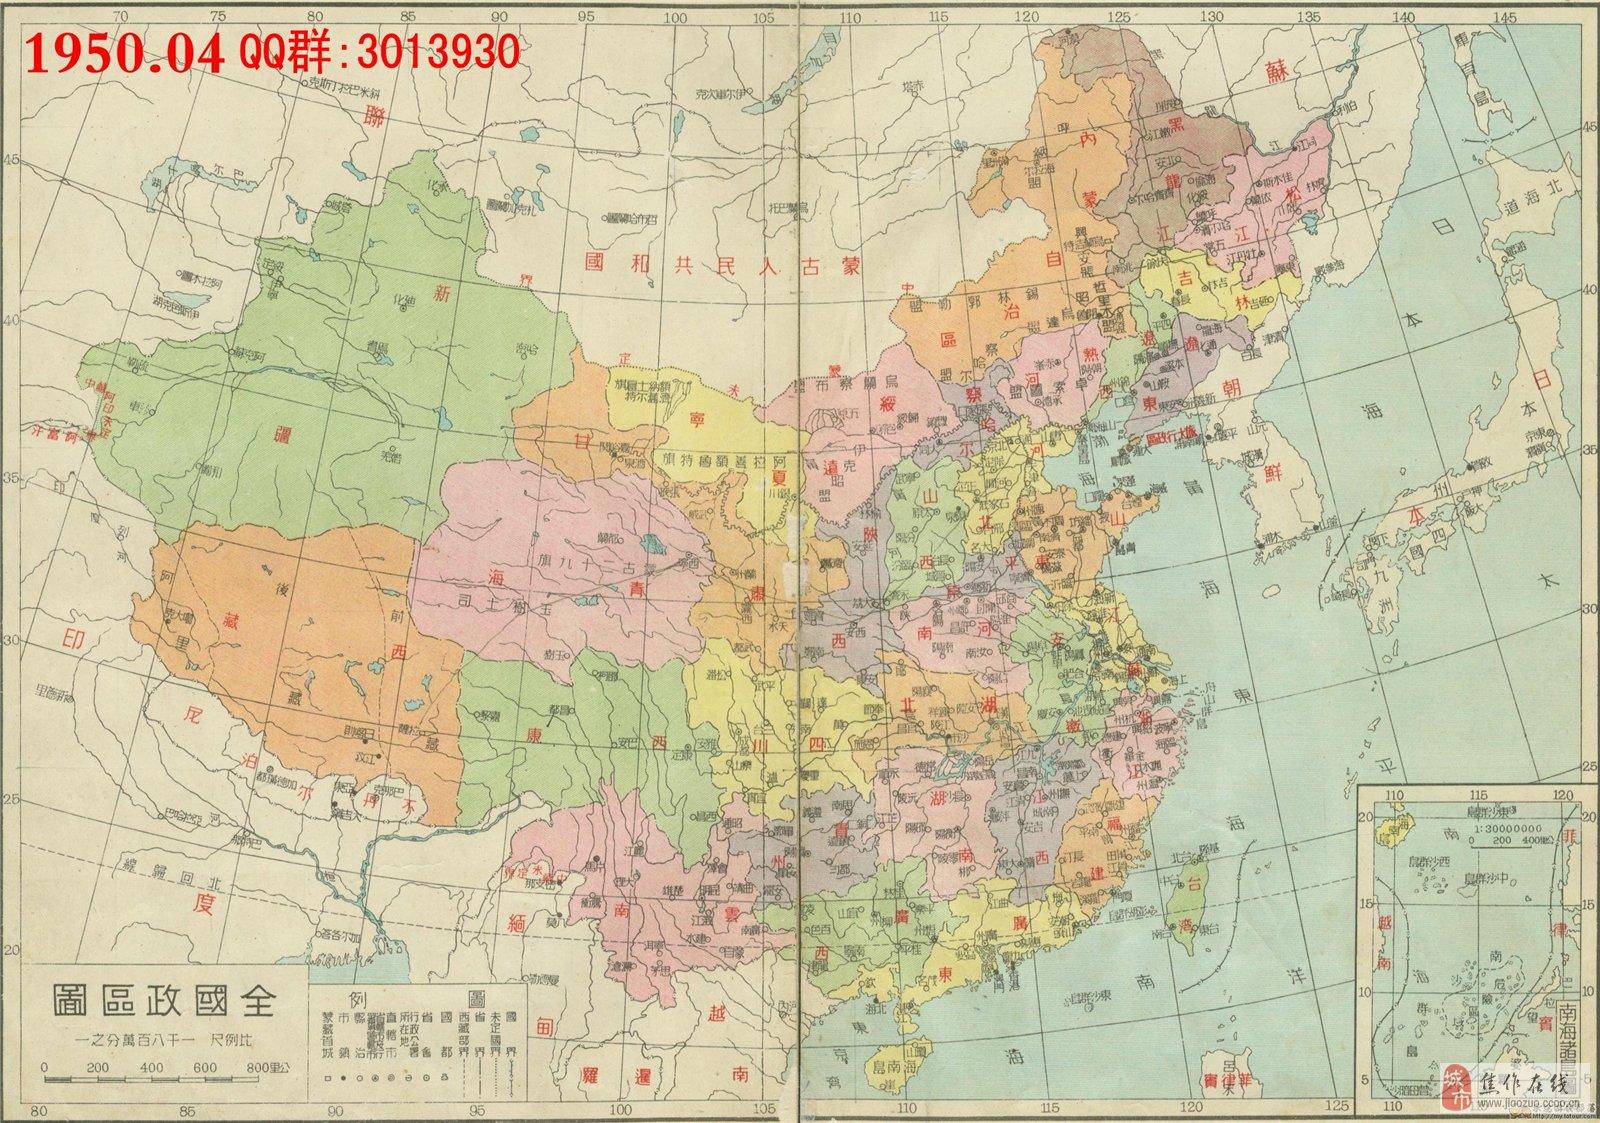 陕西甘肃青海宁夏西藏新疆地图展示